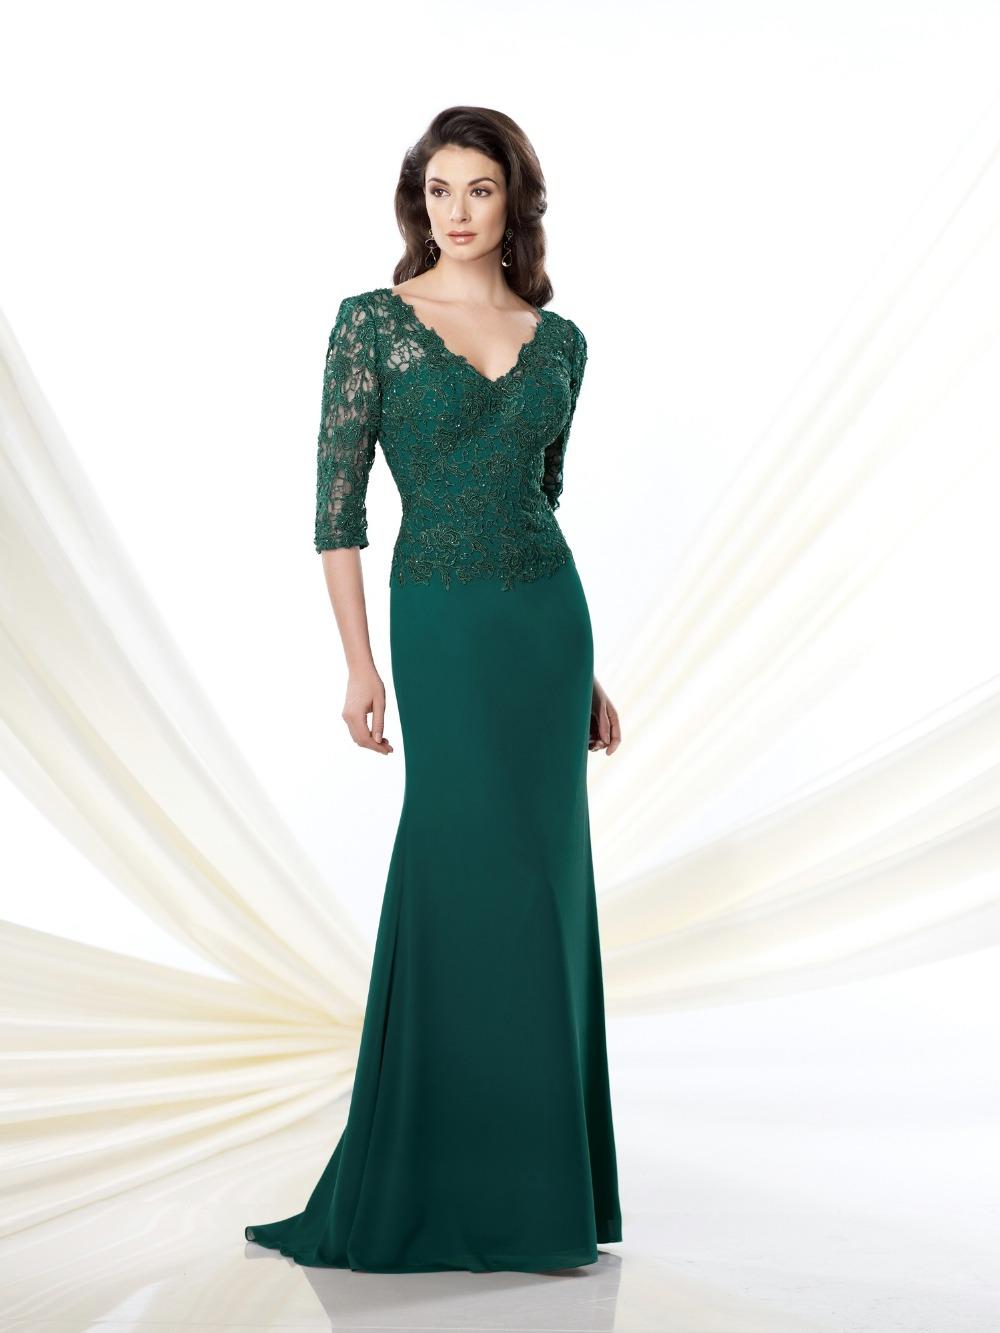 Zz371 2016 длиной до пола мать невесты платья v-образным вырезом русалка мать невесты платья